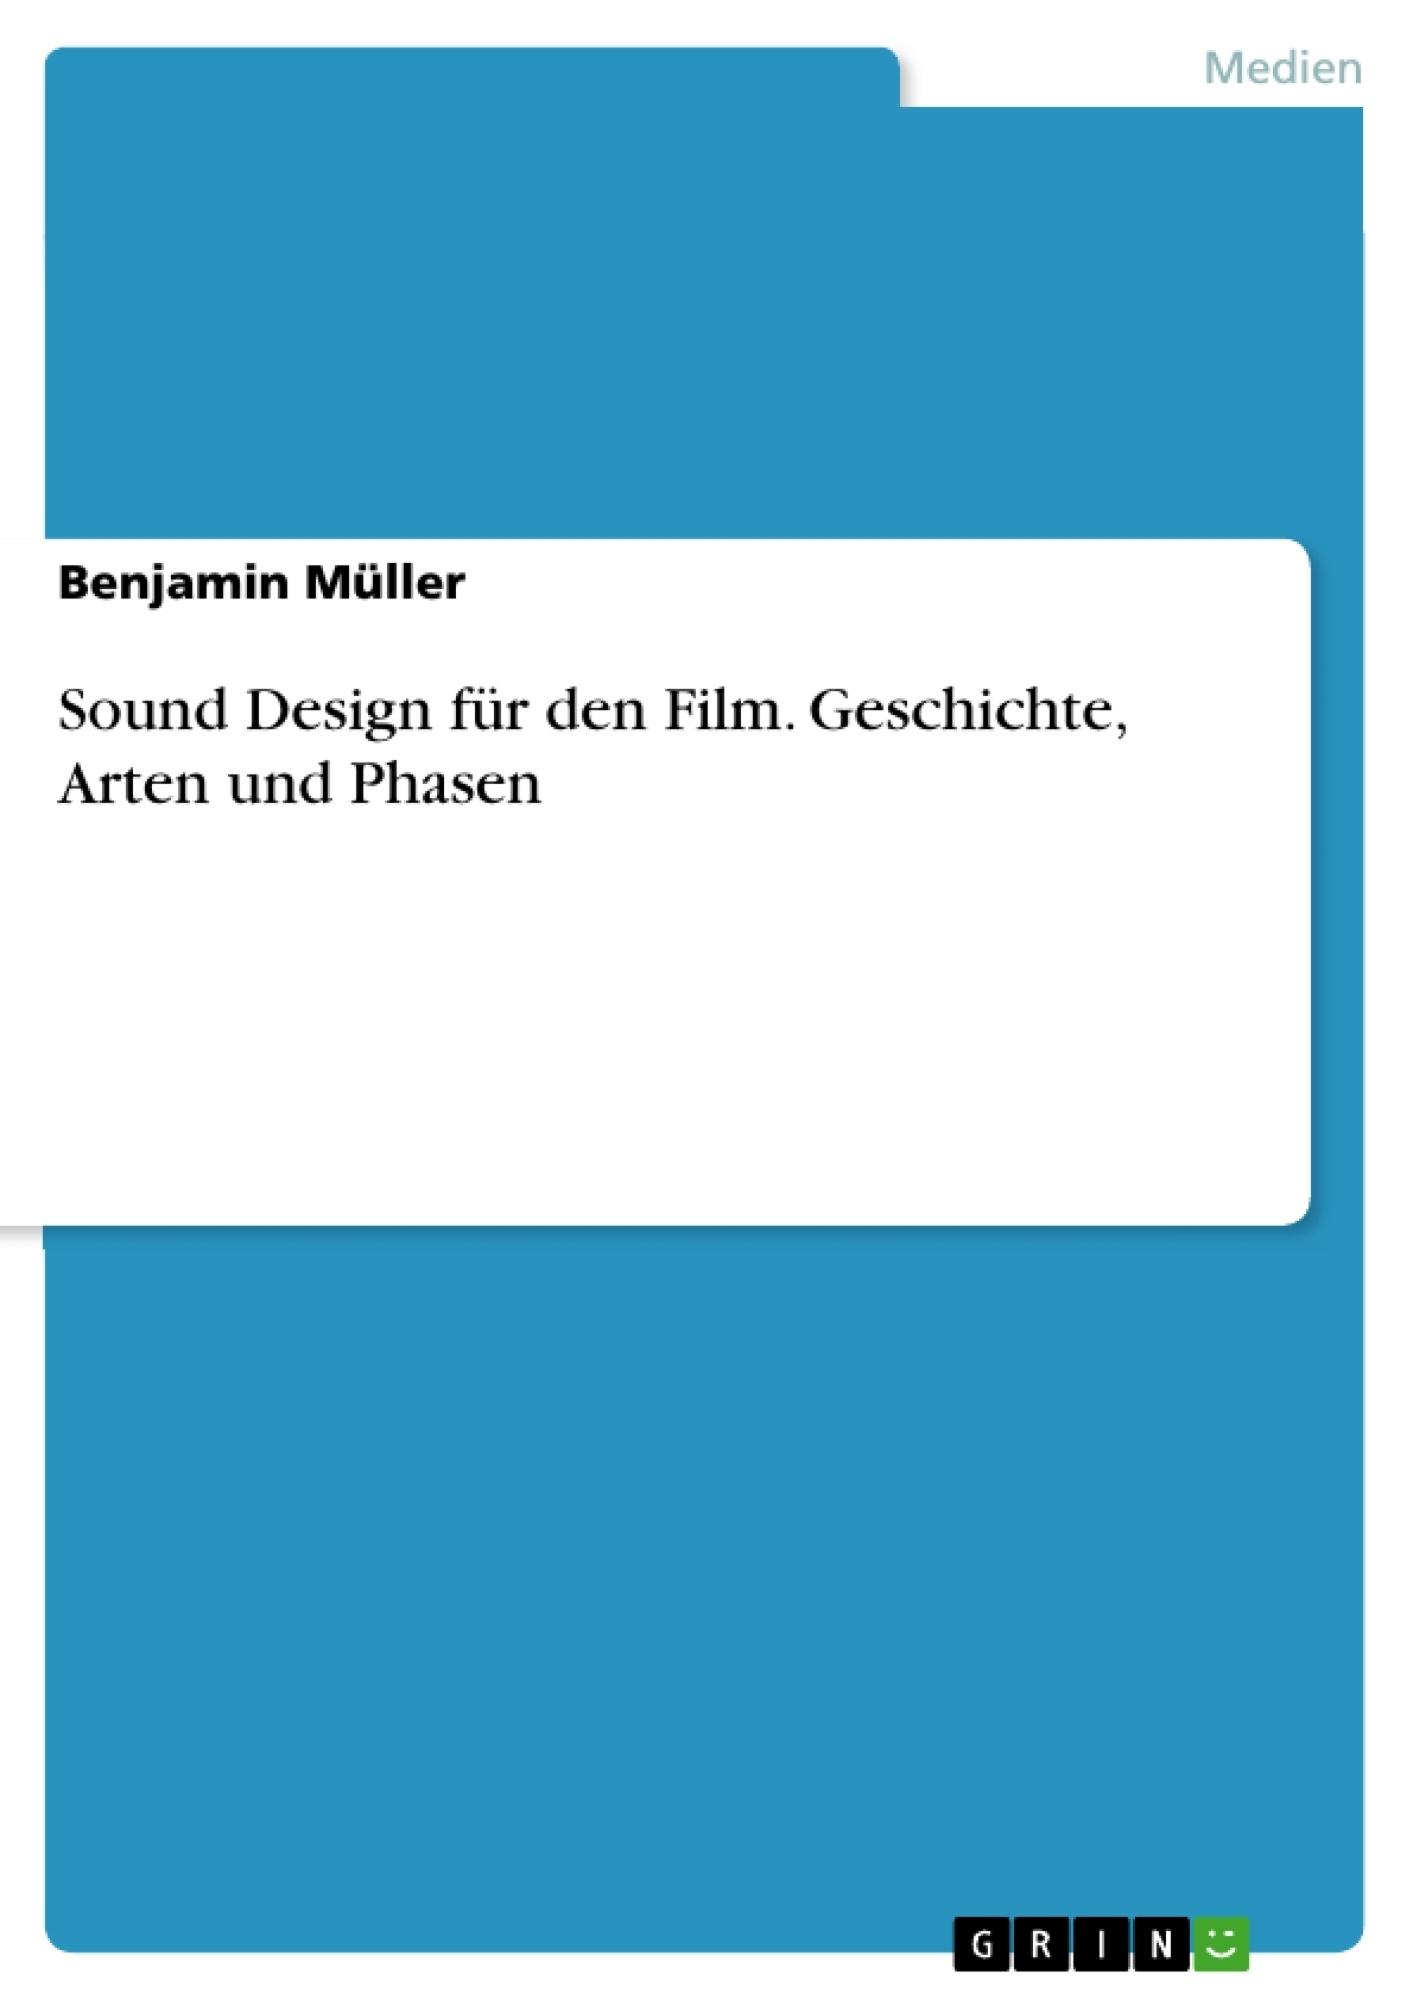 Titel: Sound Design für den Film. Geschichte, Arten und Phasen